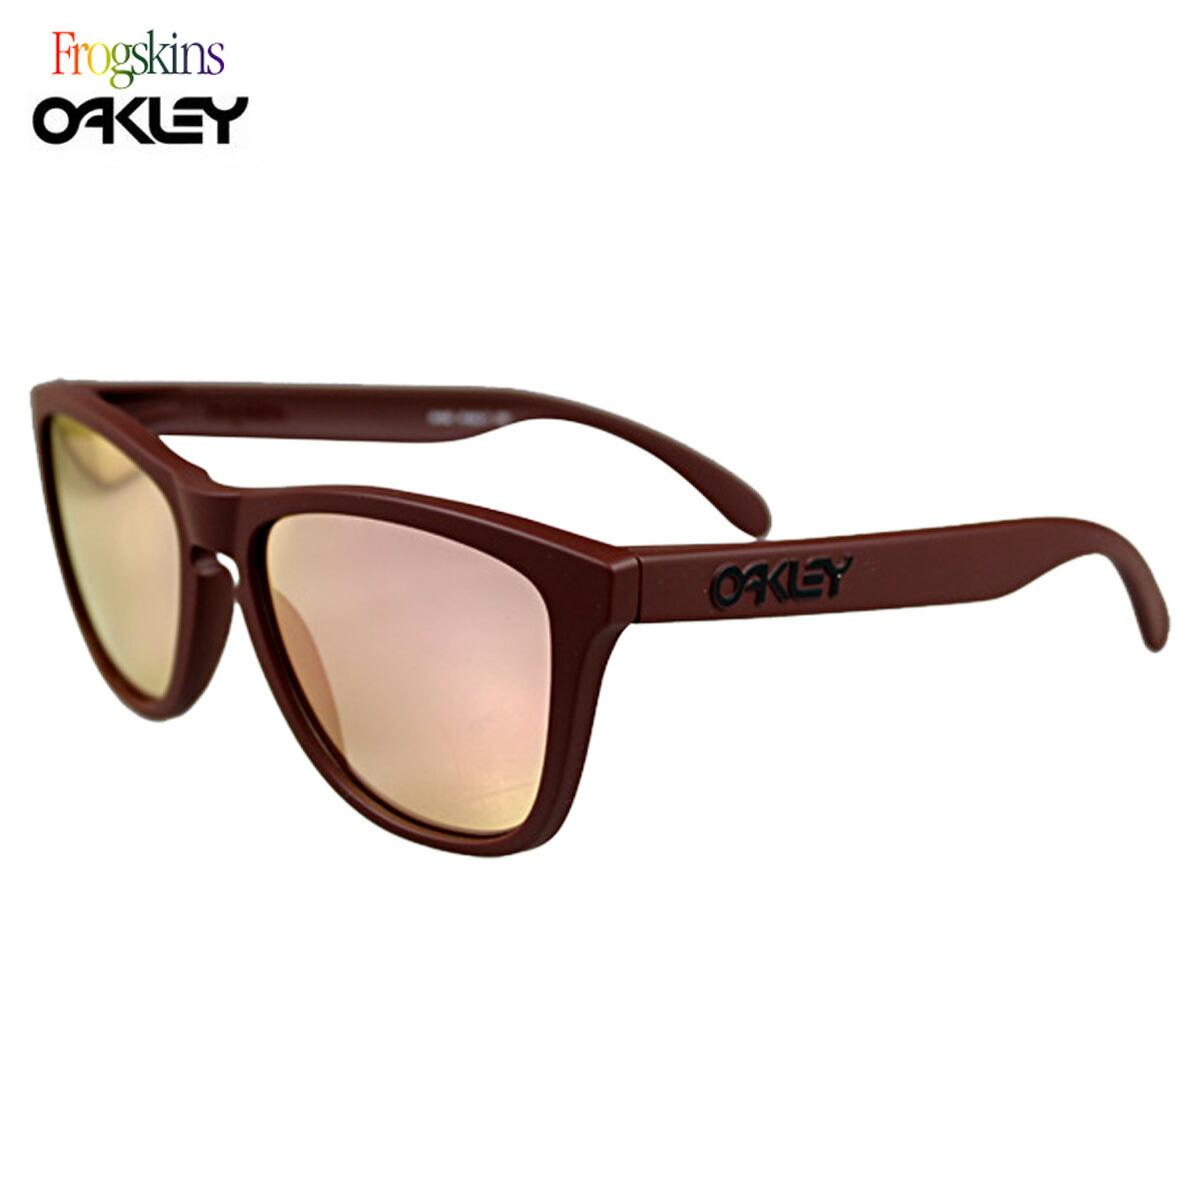 oakley outlet online  online shop